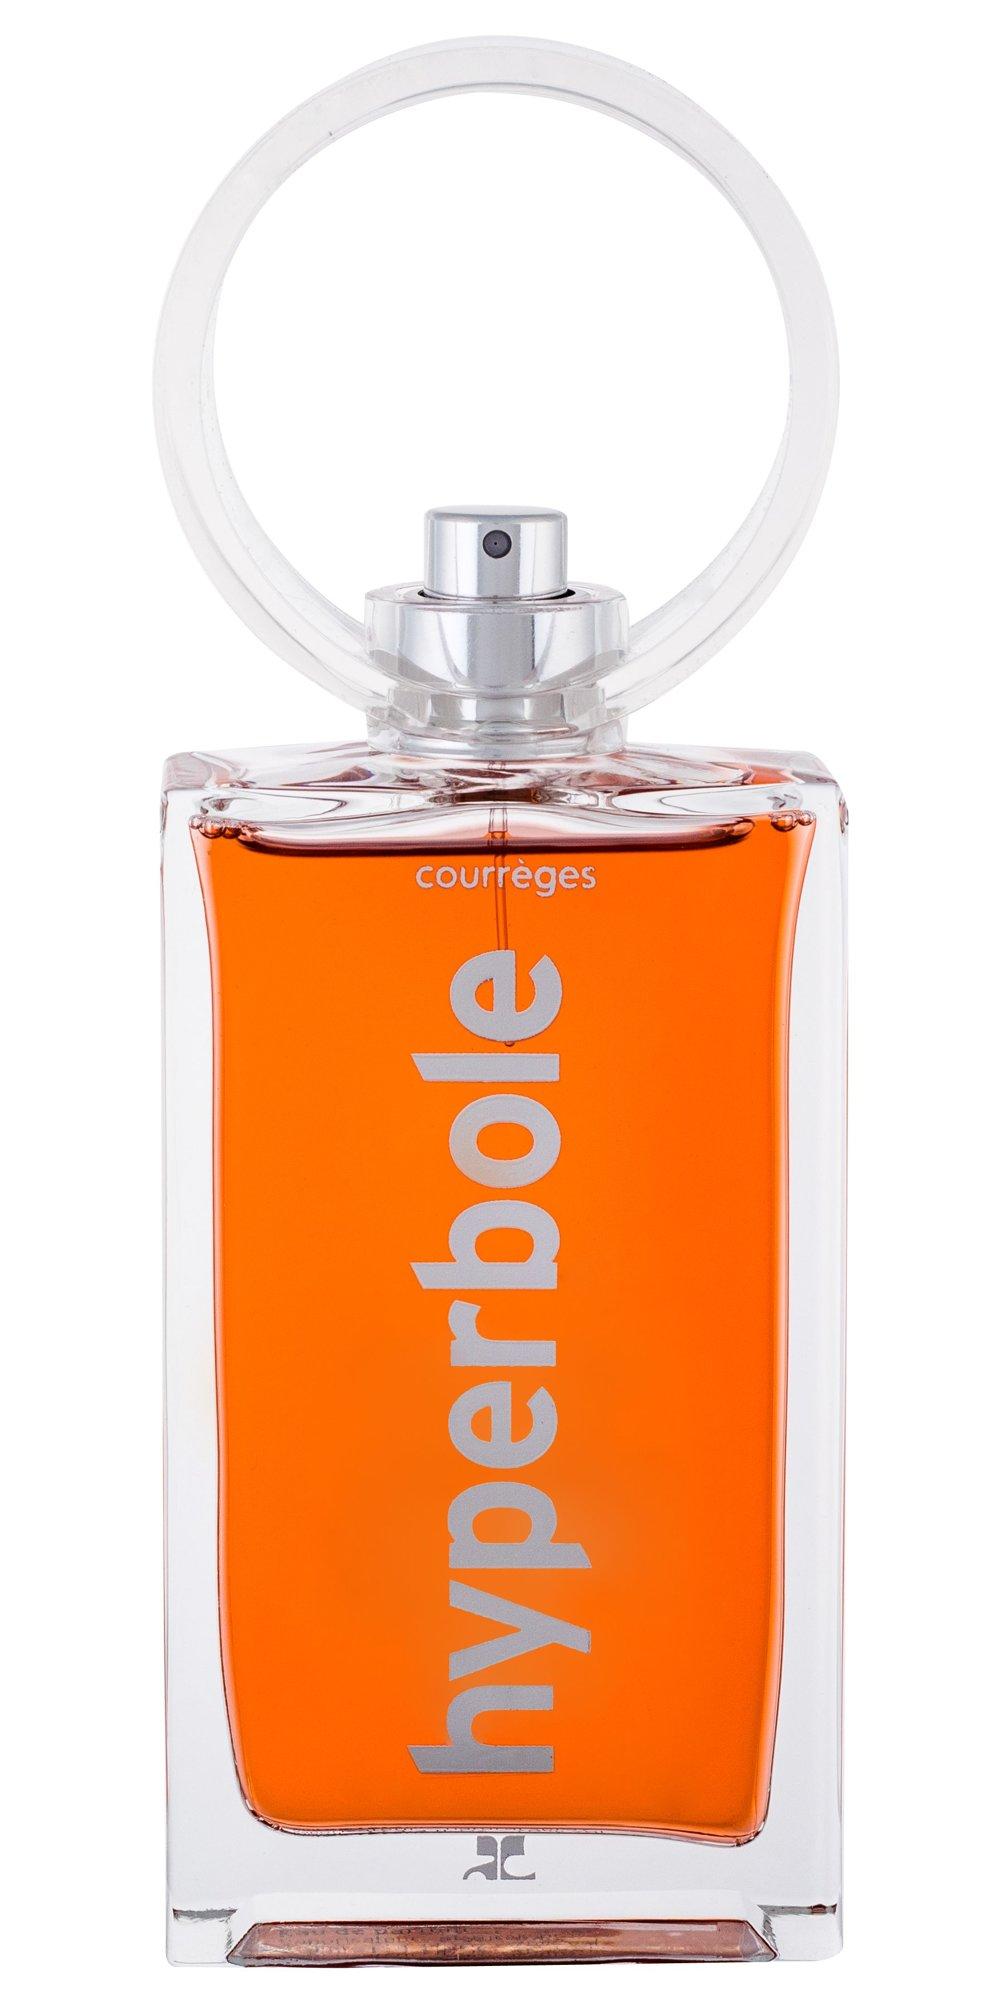 André Courreges Hyperbole Eau de Parfum 100ml